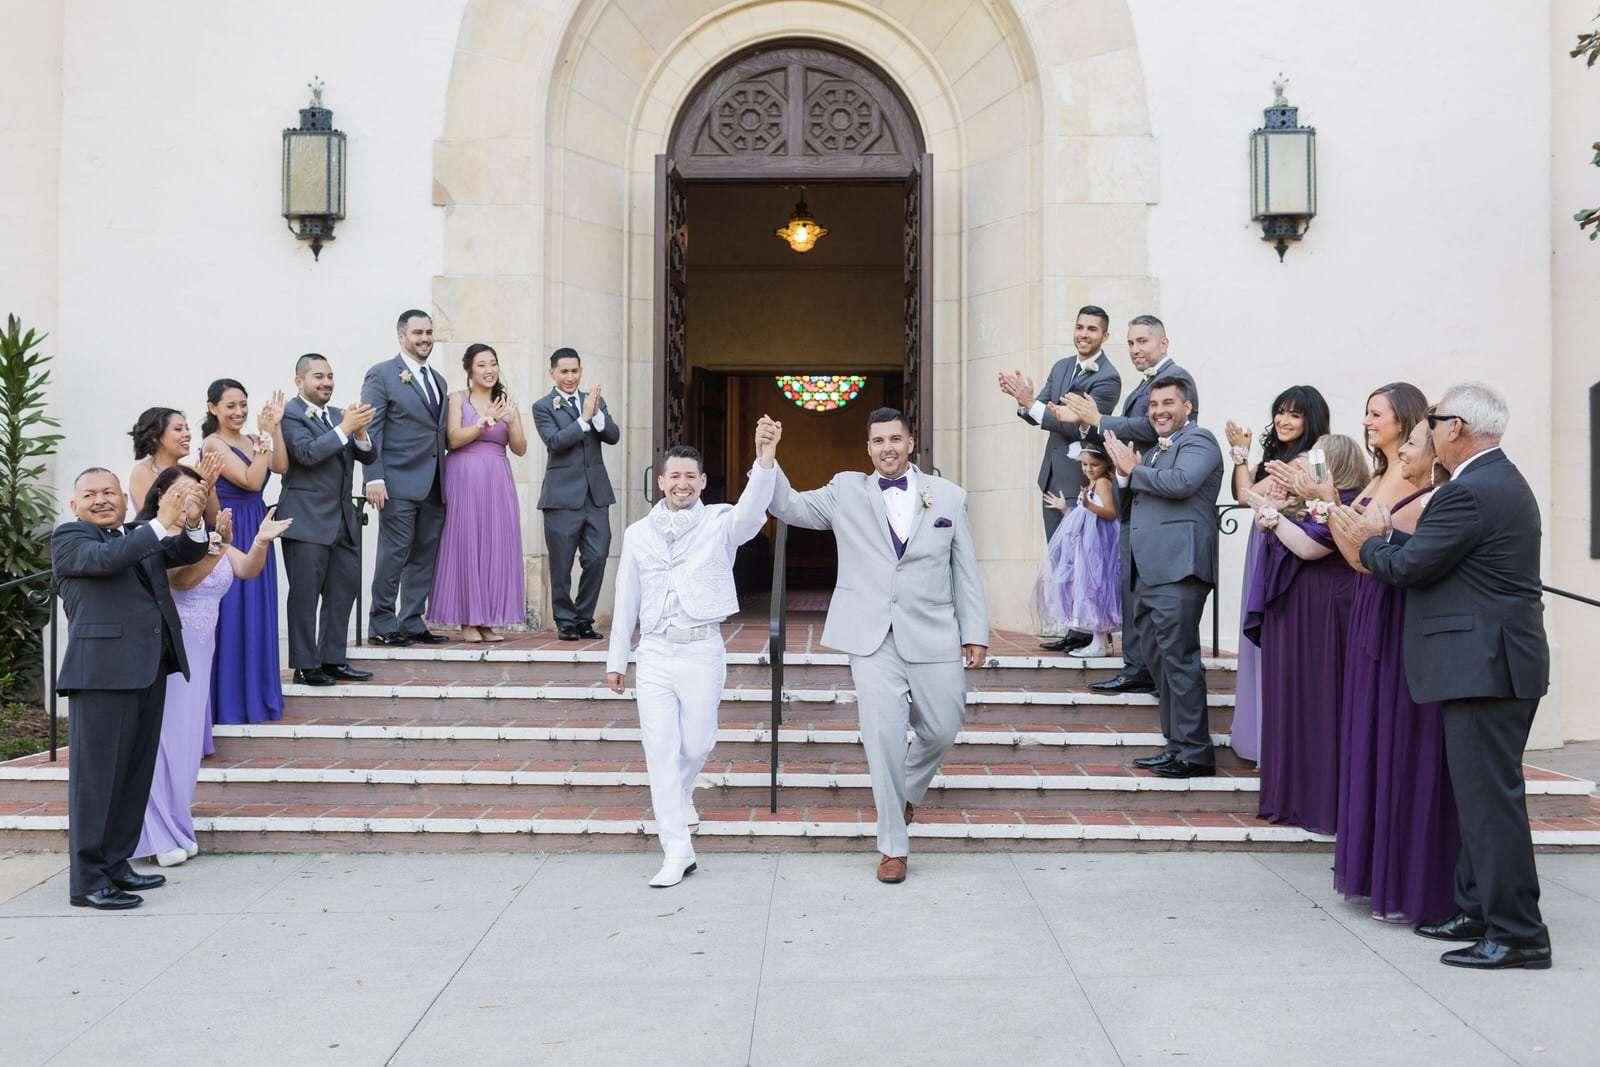 riviera mansion gay wedding photos